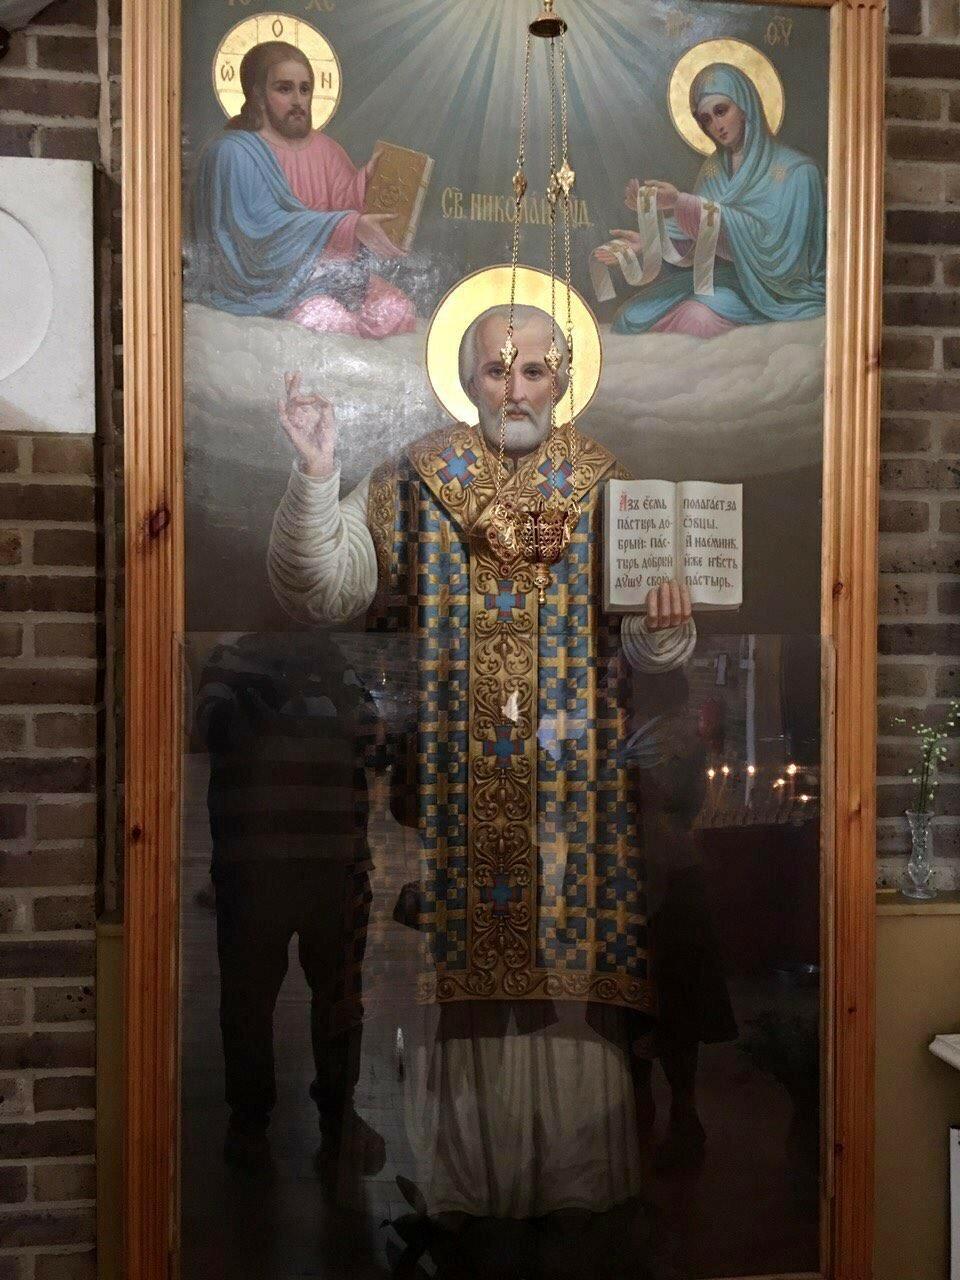 Каждый человек - это икона, которую нужно отреставрировать, чтобы увидеть Лик Божий. А.Сурожский